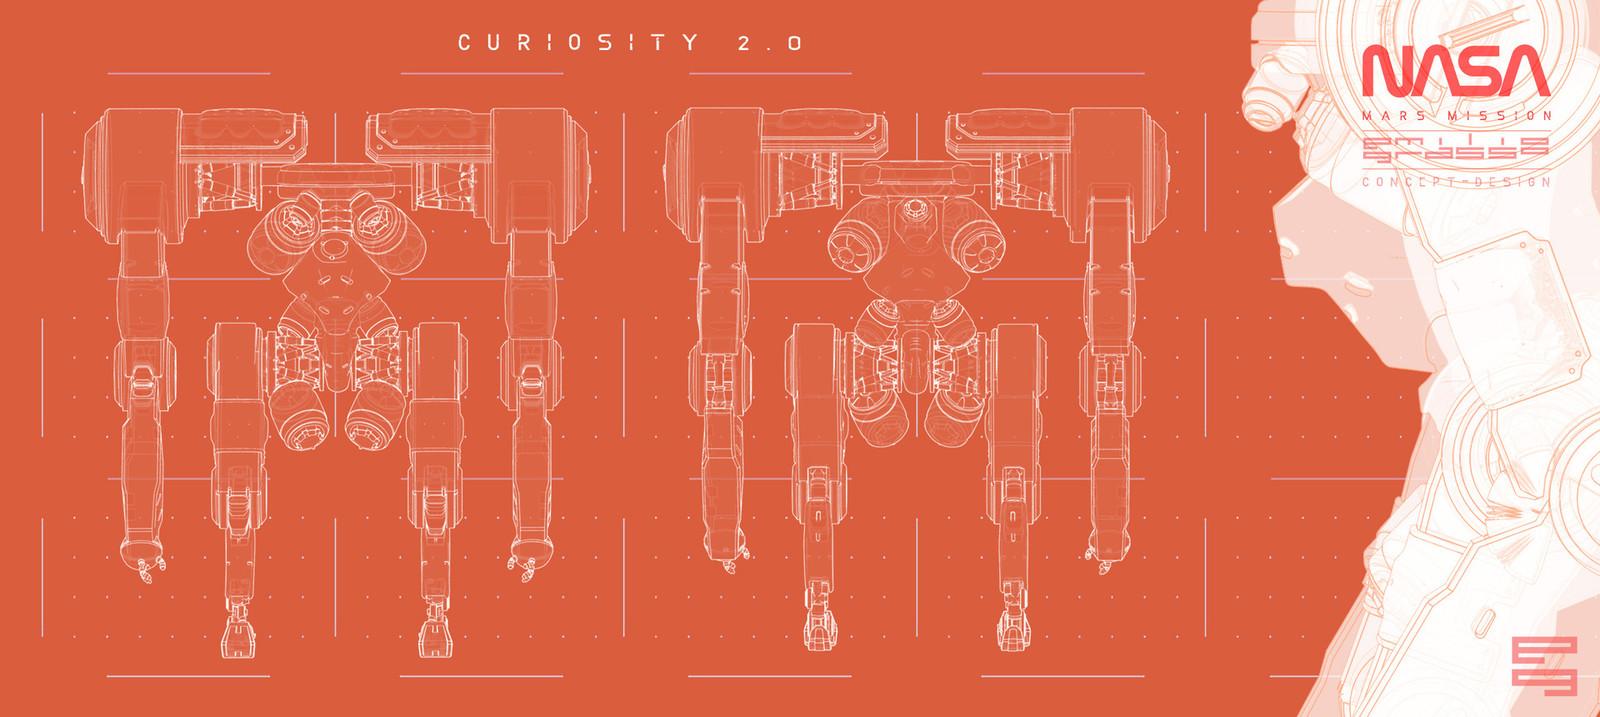 CURIOSITY 2.0 - Oragne Print